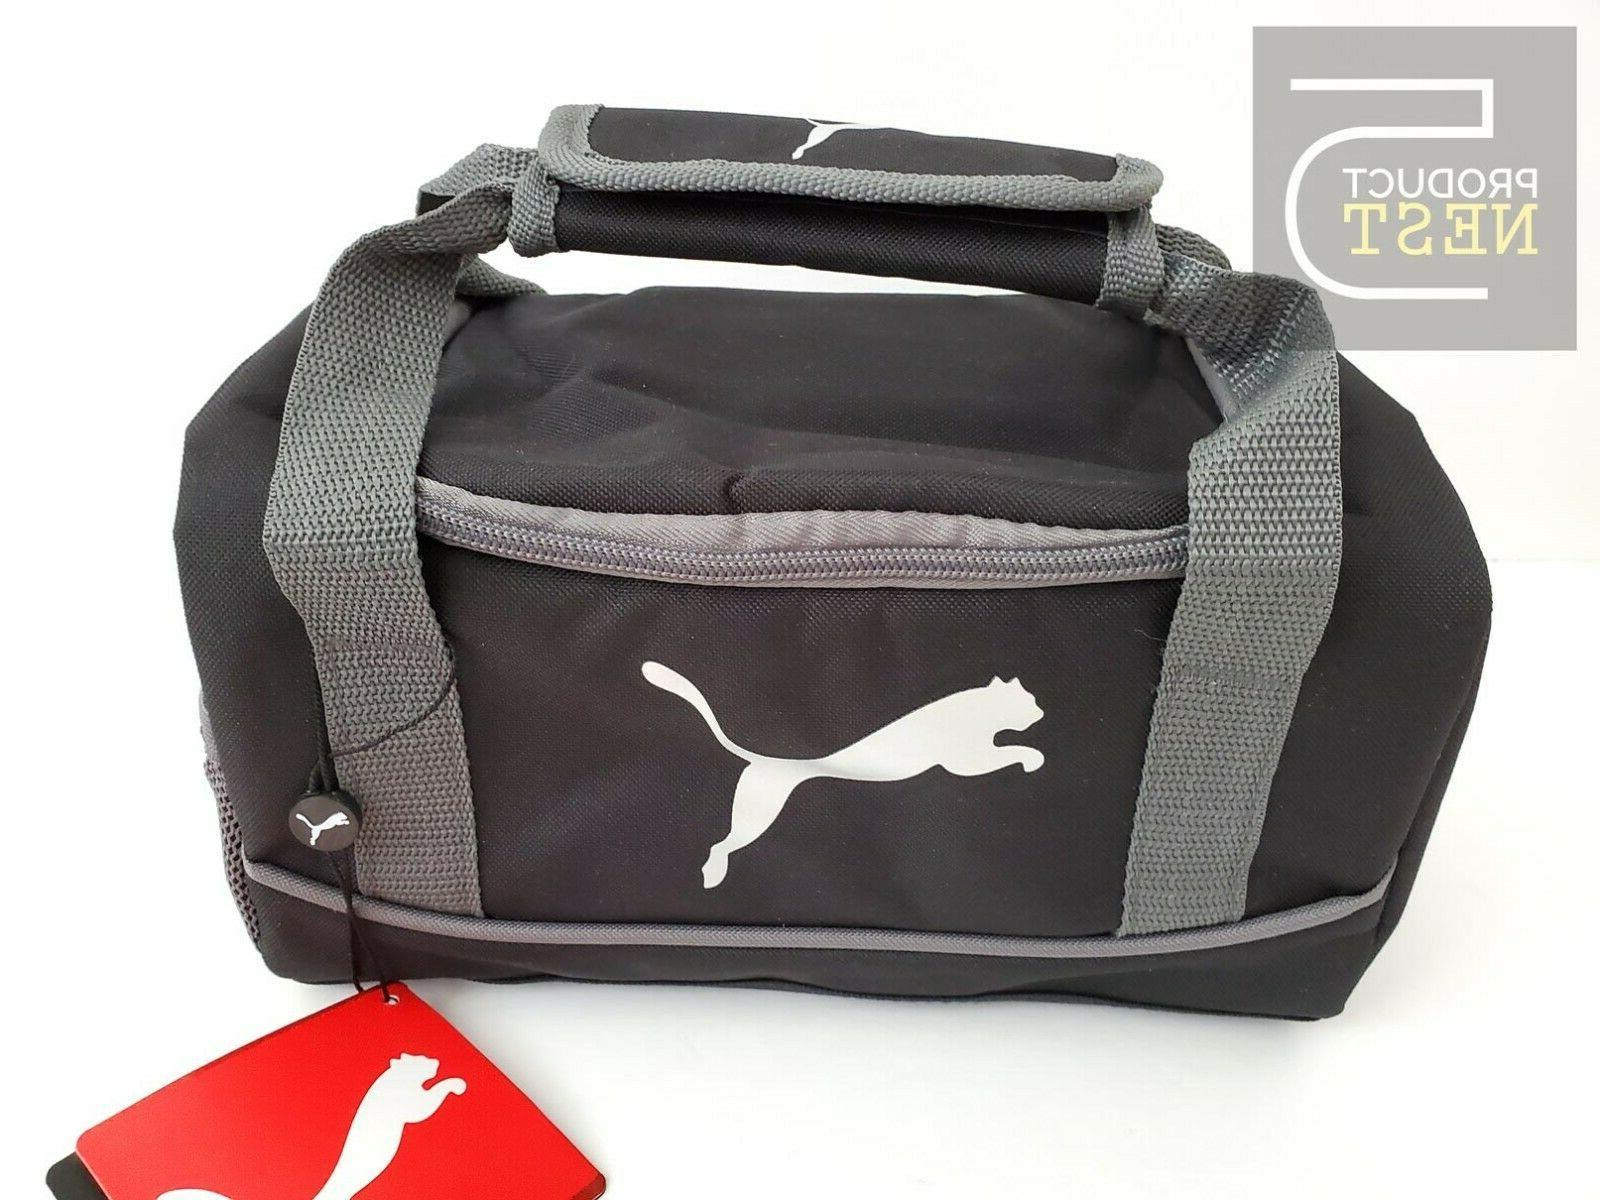 duffel lunch bag black